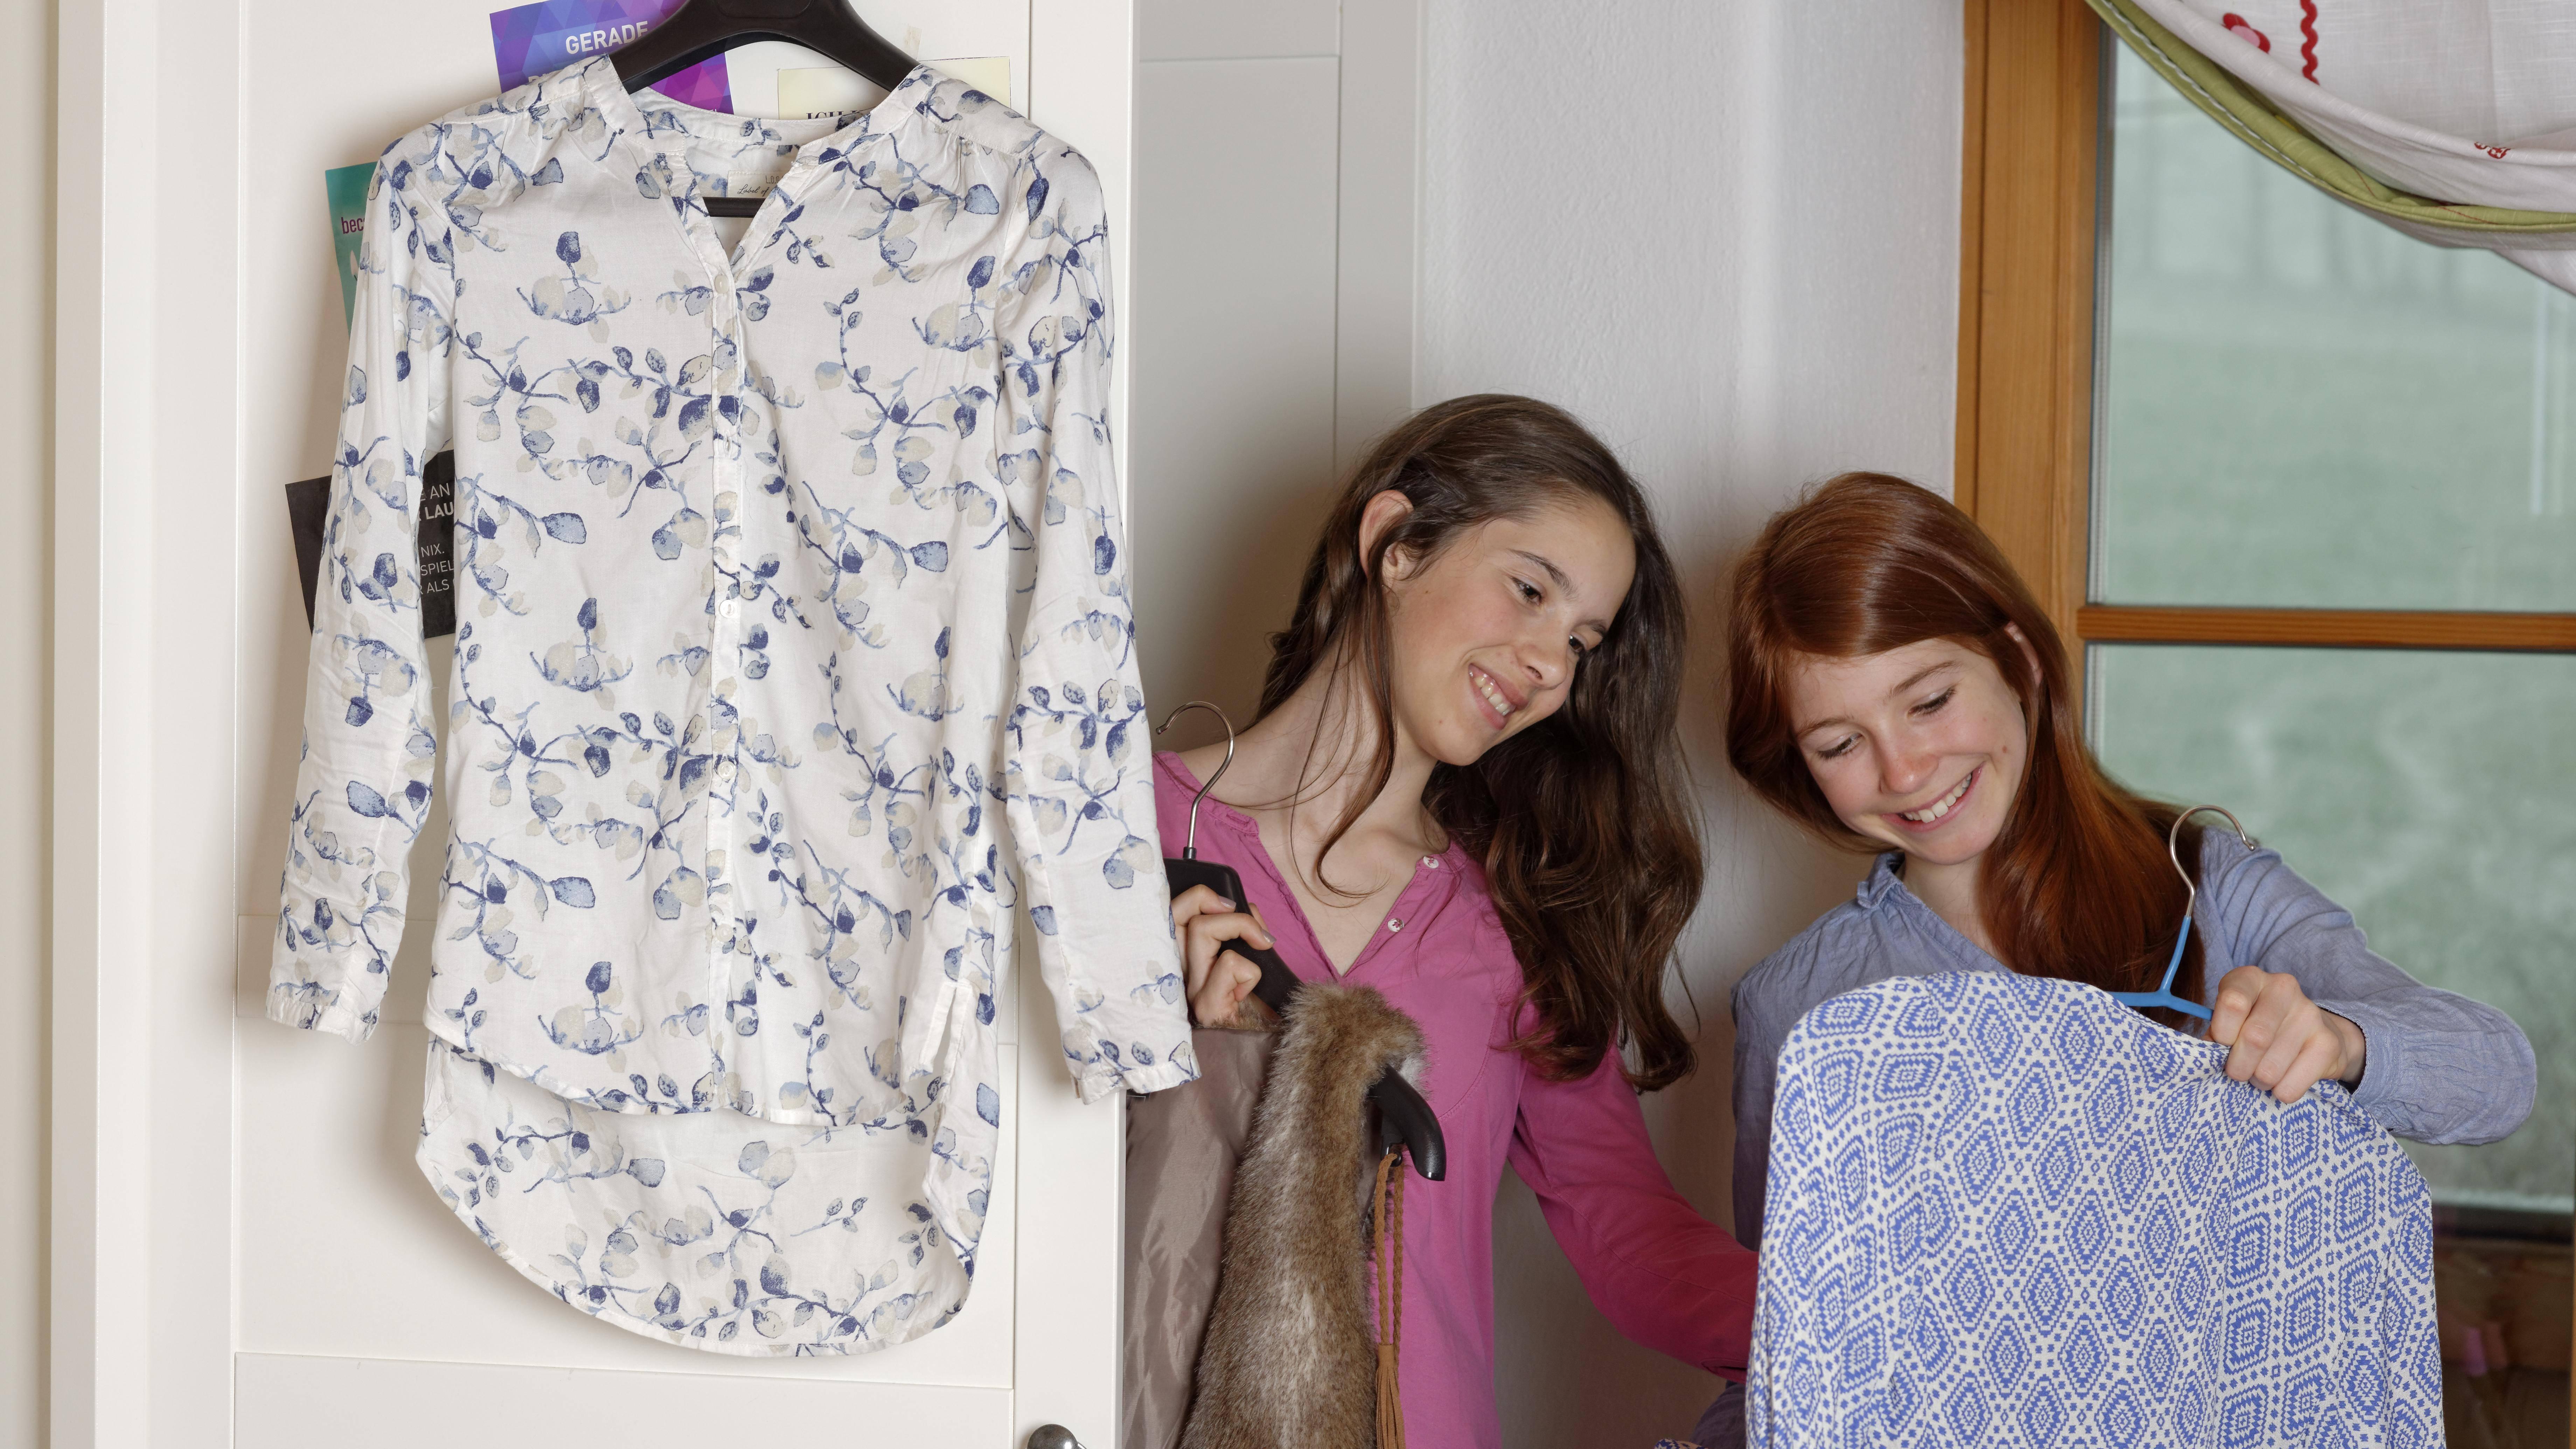 Kleidungsstil finden: So klappt's